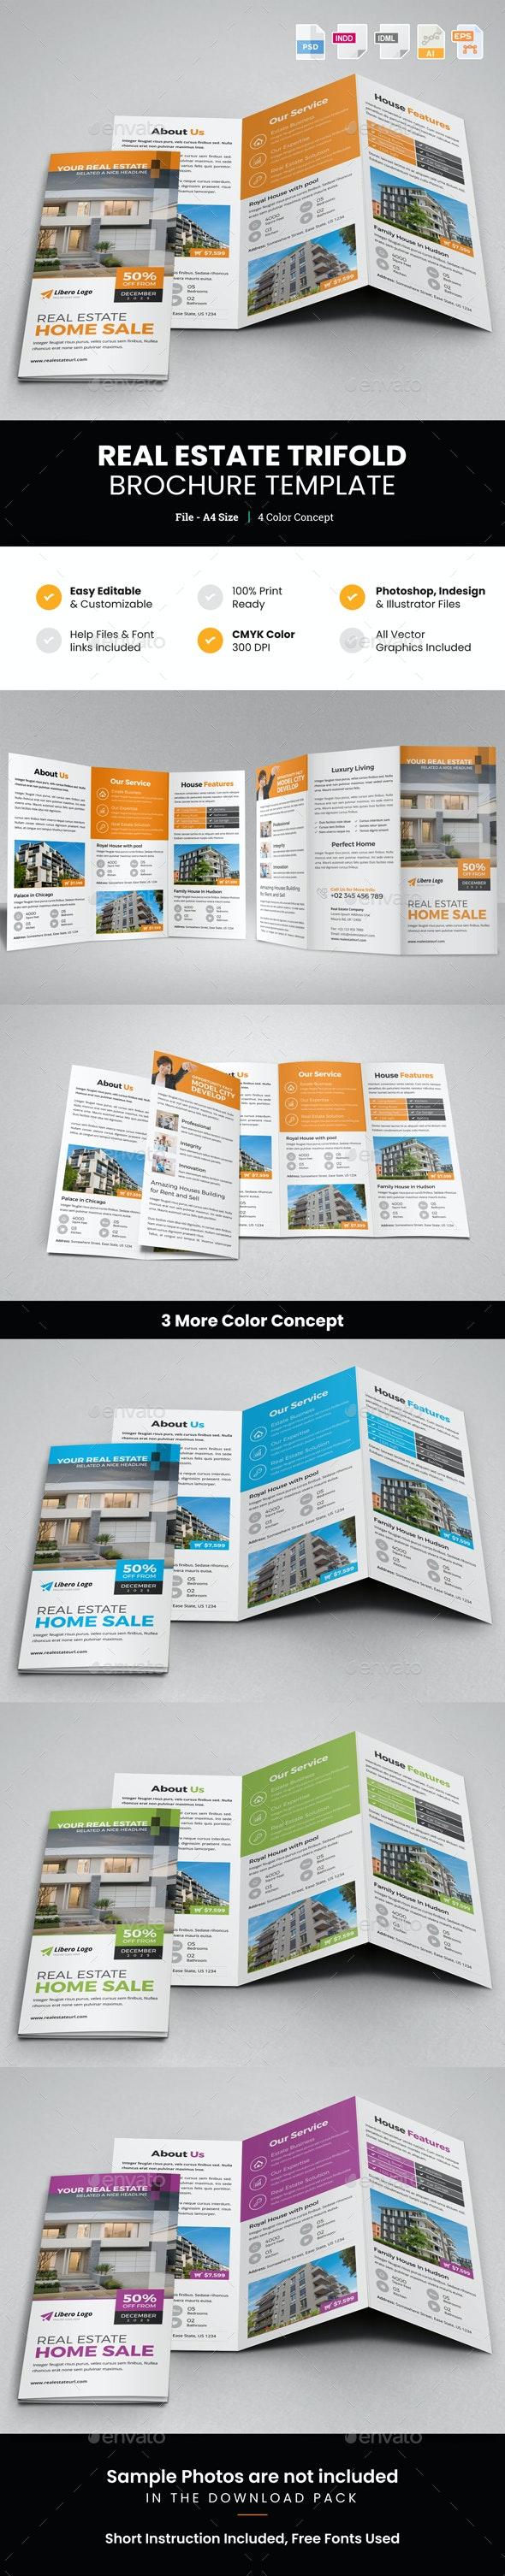 Real Estate Trifold Brochure v2 - Corporate Brochures